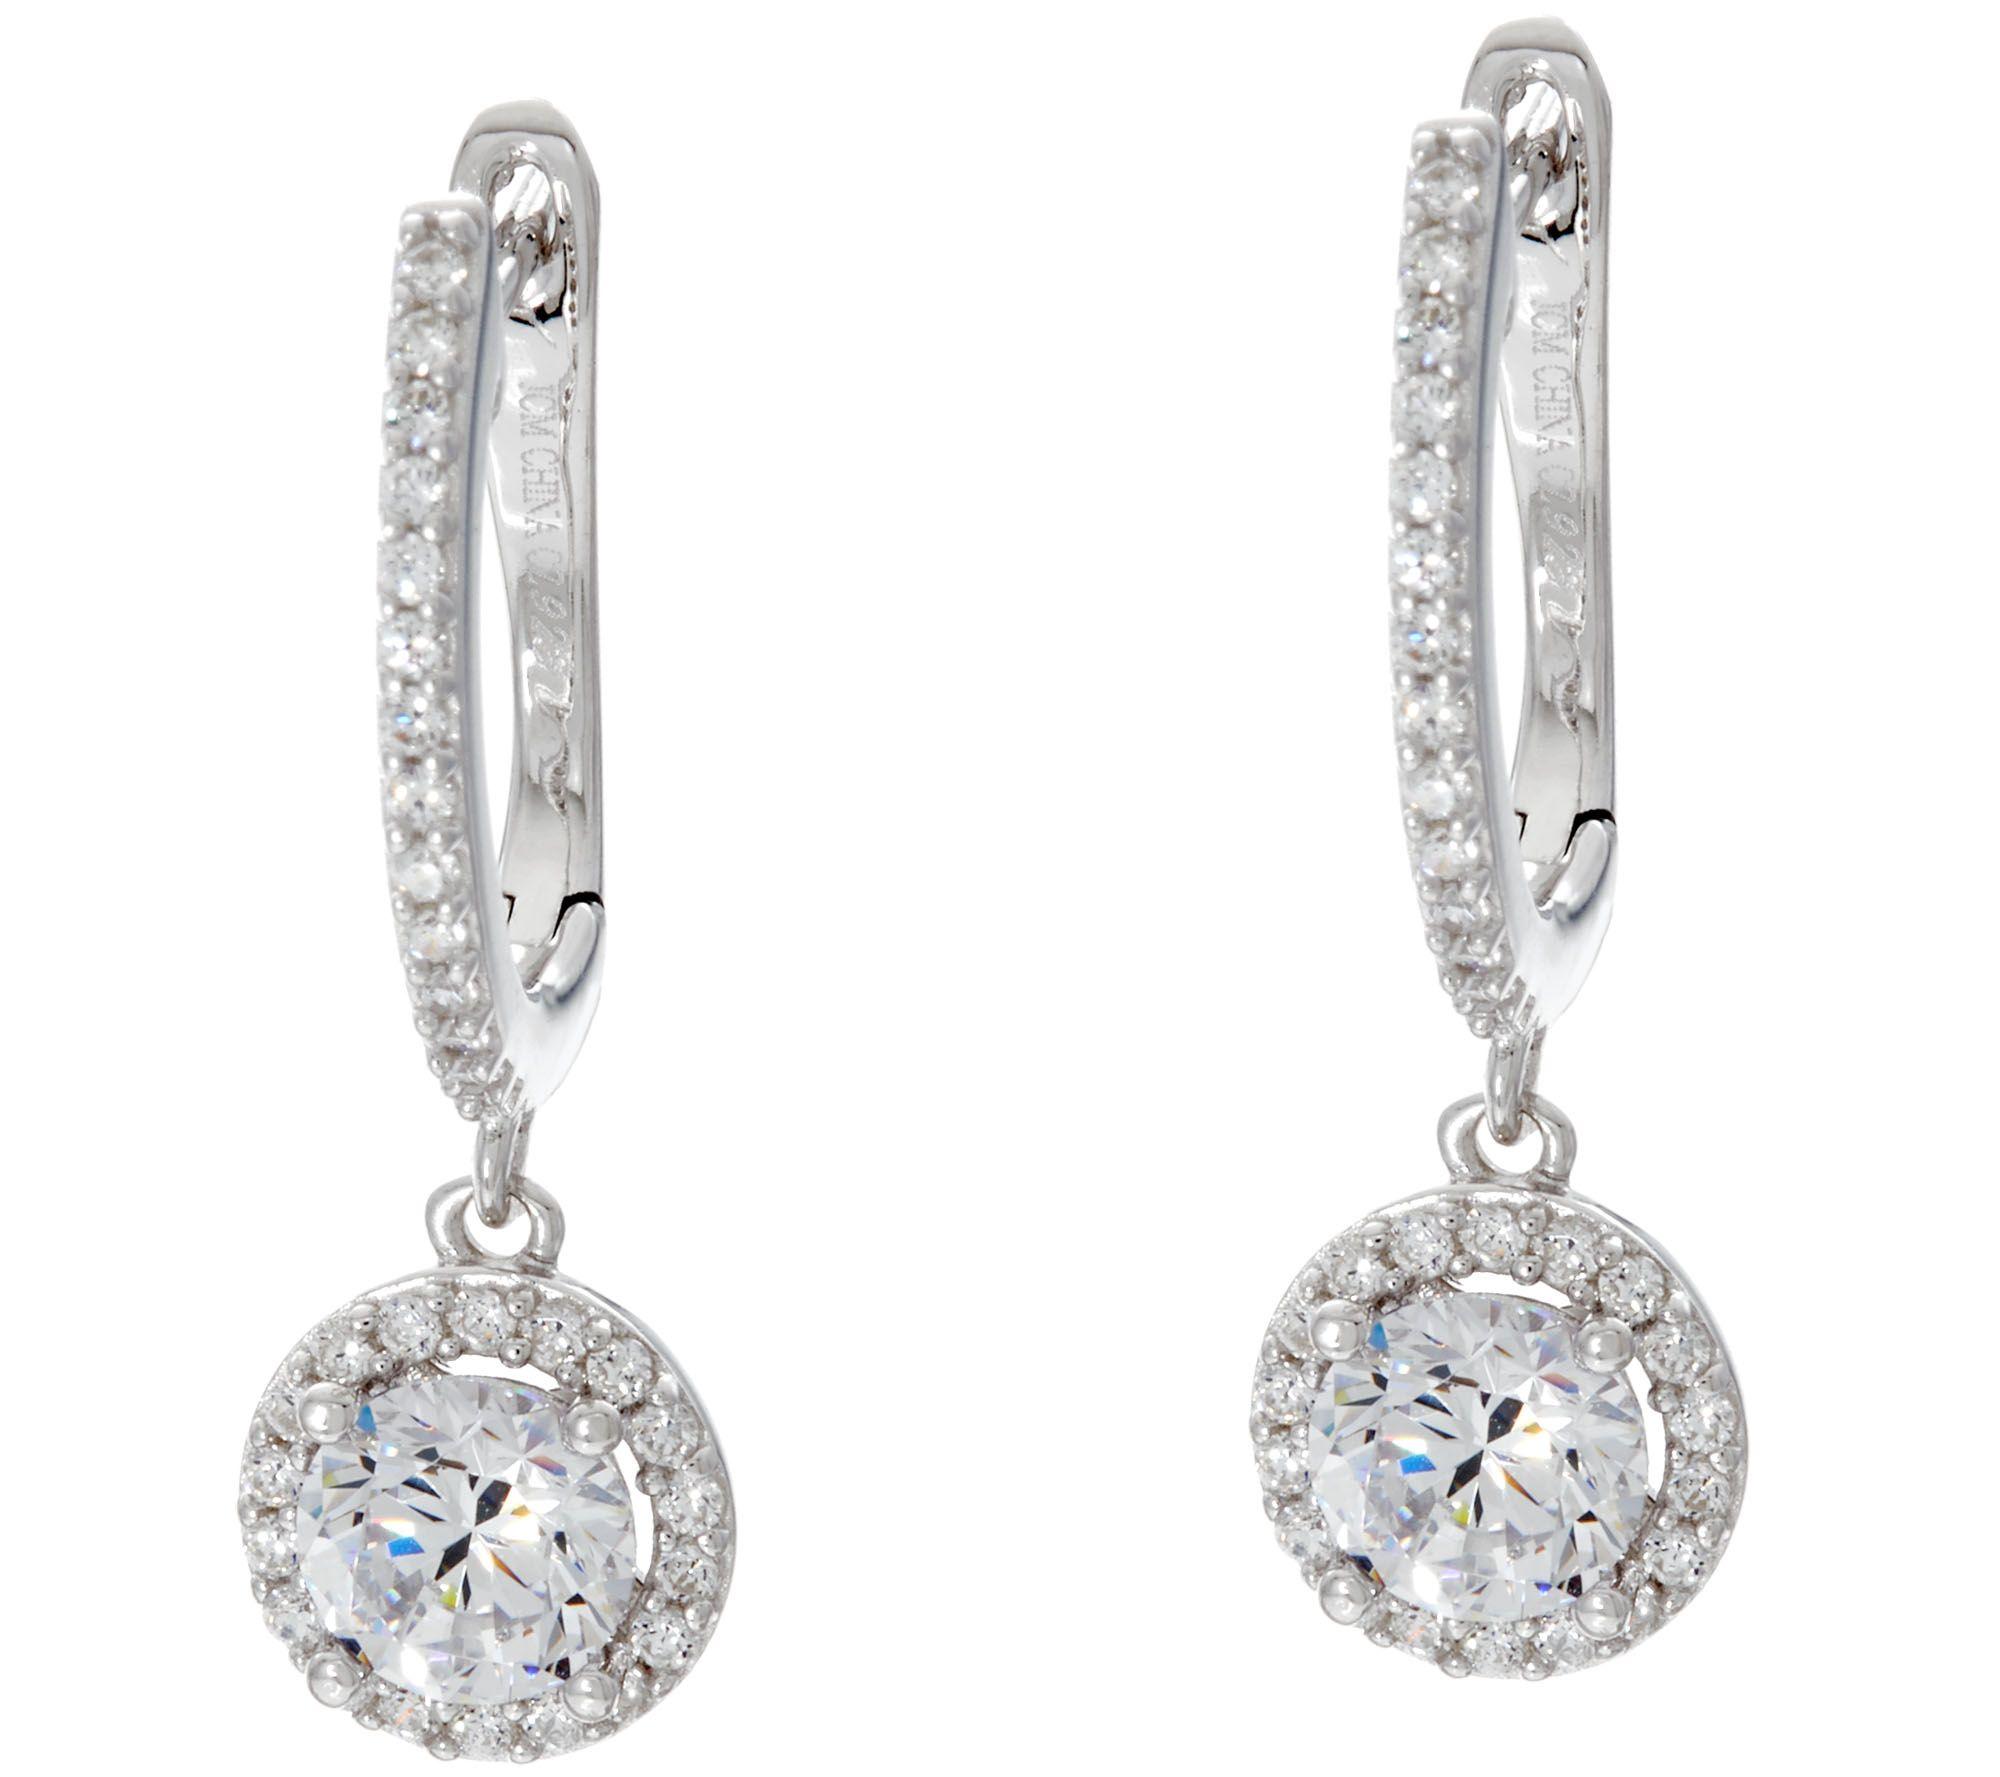 diamonique halo design dangle earrings sterling or 18k